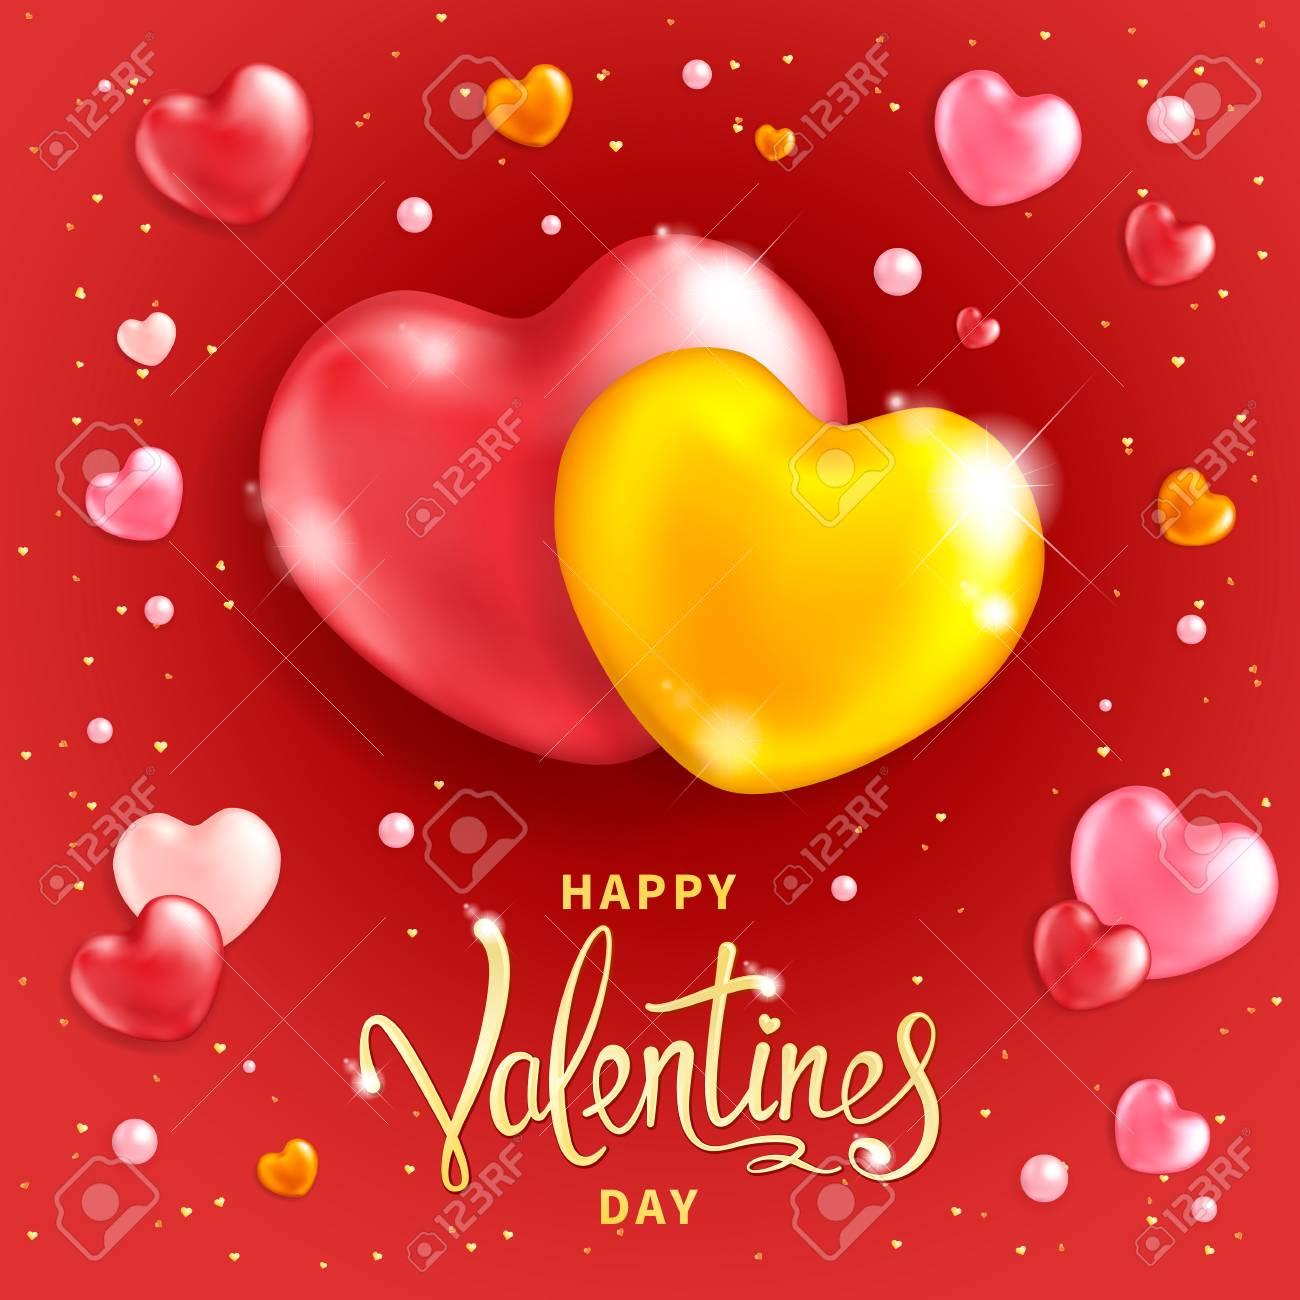 Feliz Día De San Valentín De Fondo Dos Corazones Grandes Símbolo